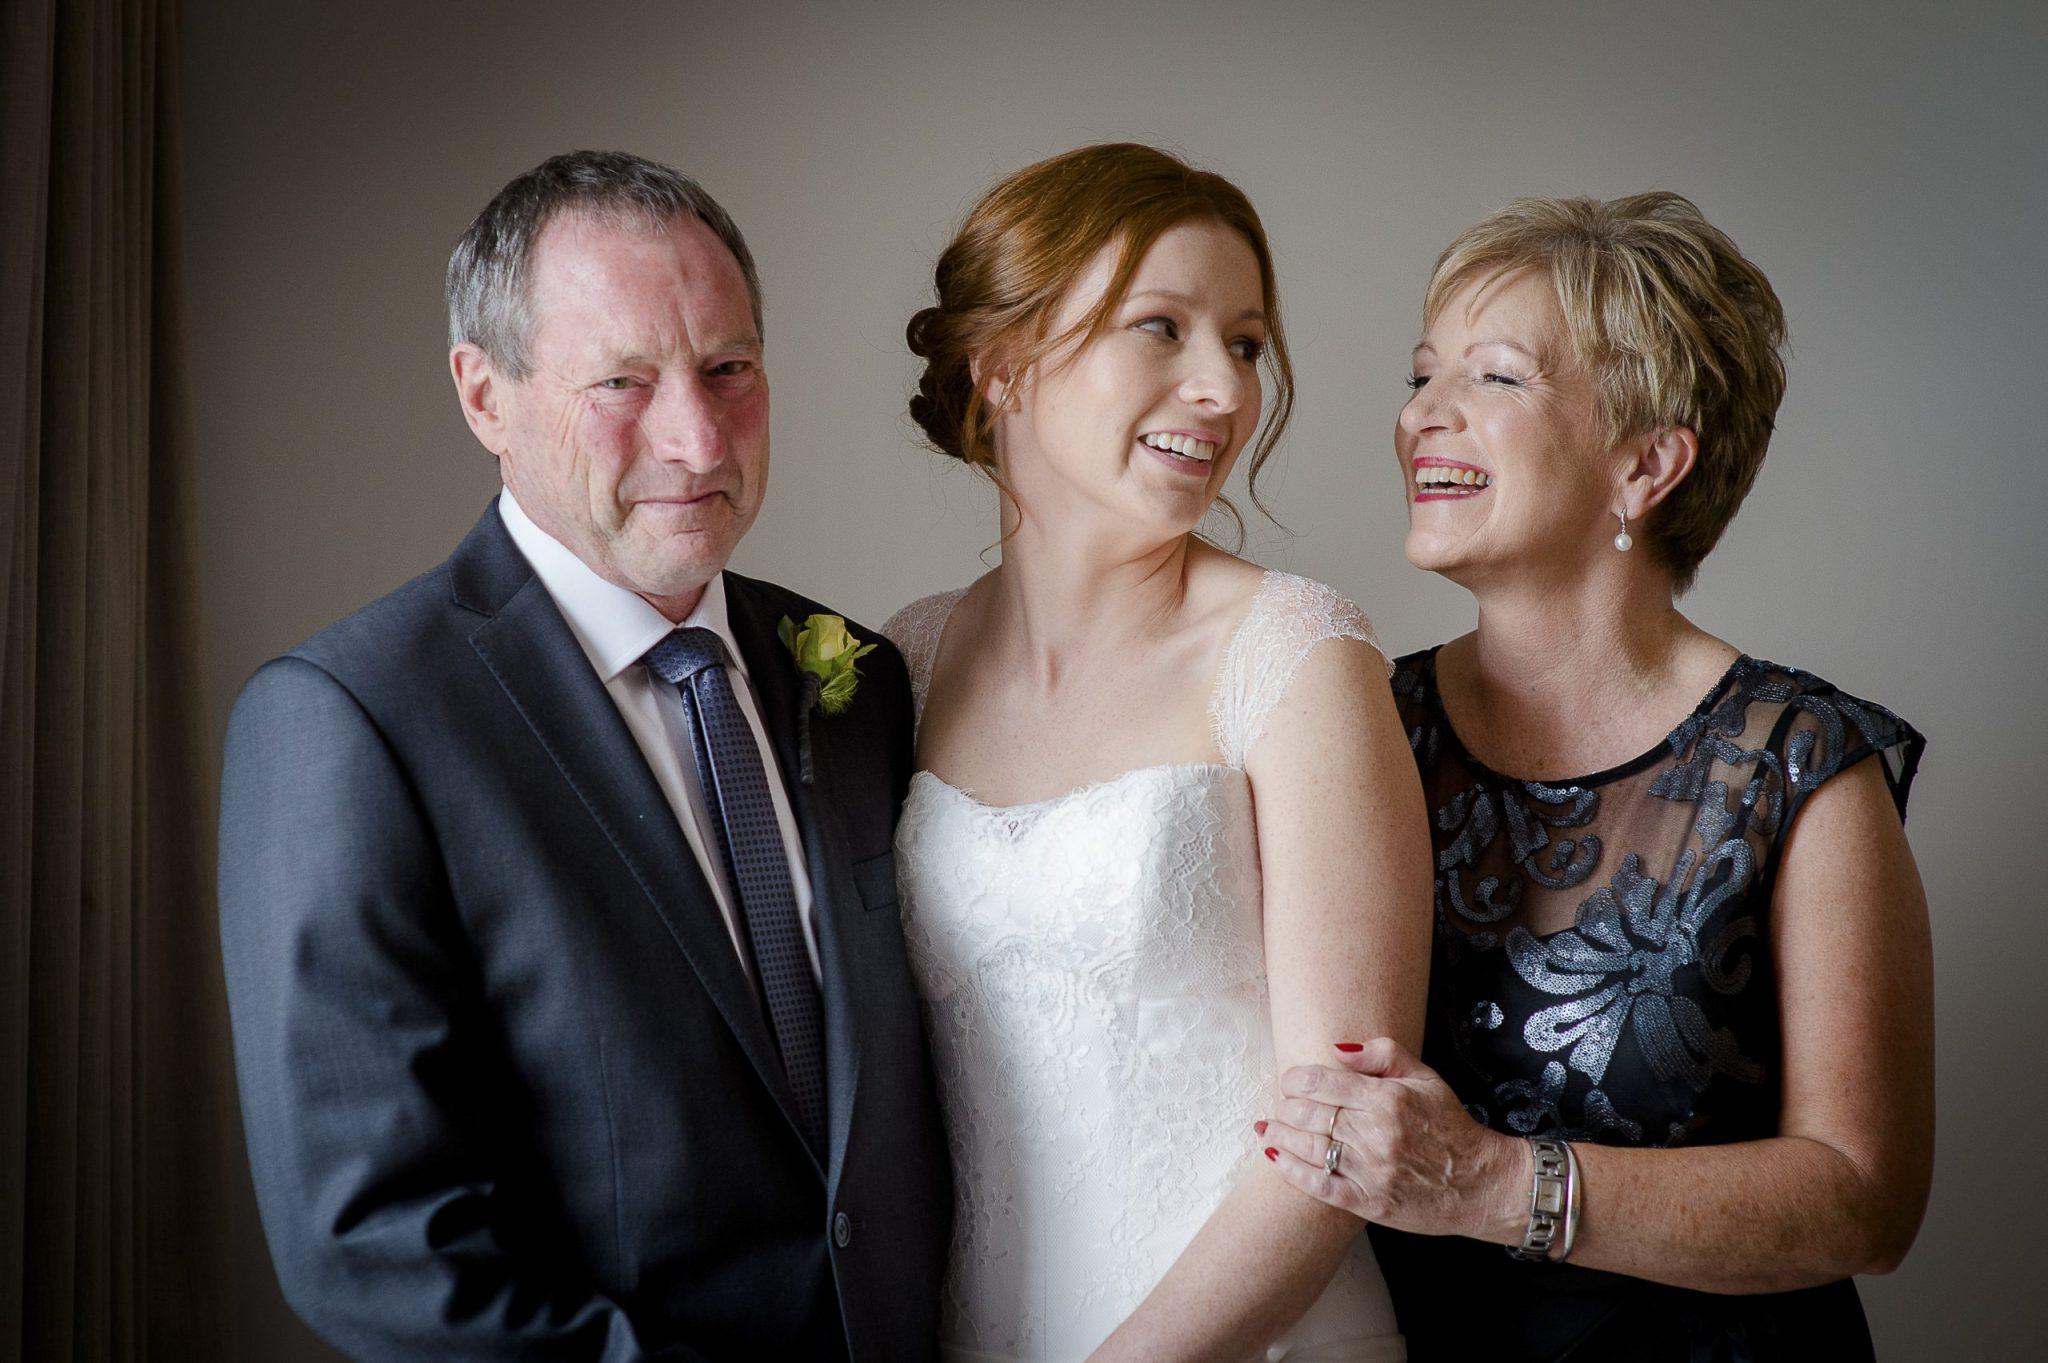 wedding flowers, vintage suitcase, Daylesford wedding, country wedding, vintage wedding